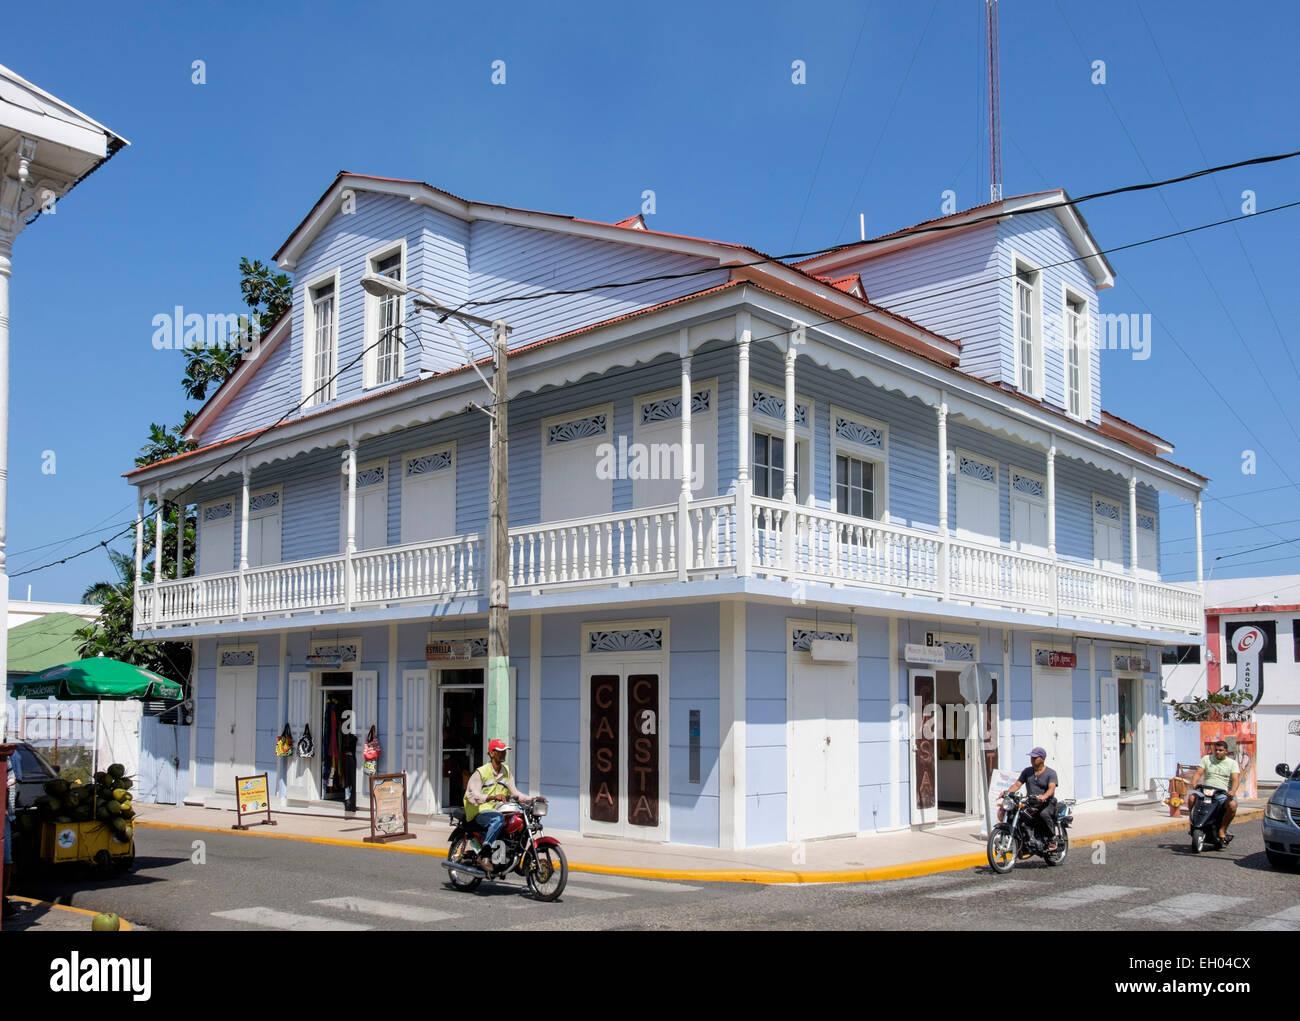 Kolonialen viktorianischen altes Holzgebäude mit Geschäften auf der Calle Beller Street, San Felipe de Stockbild